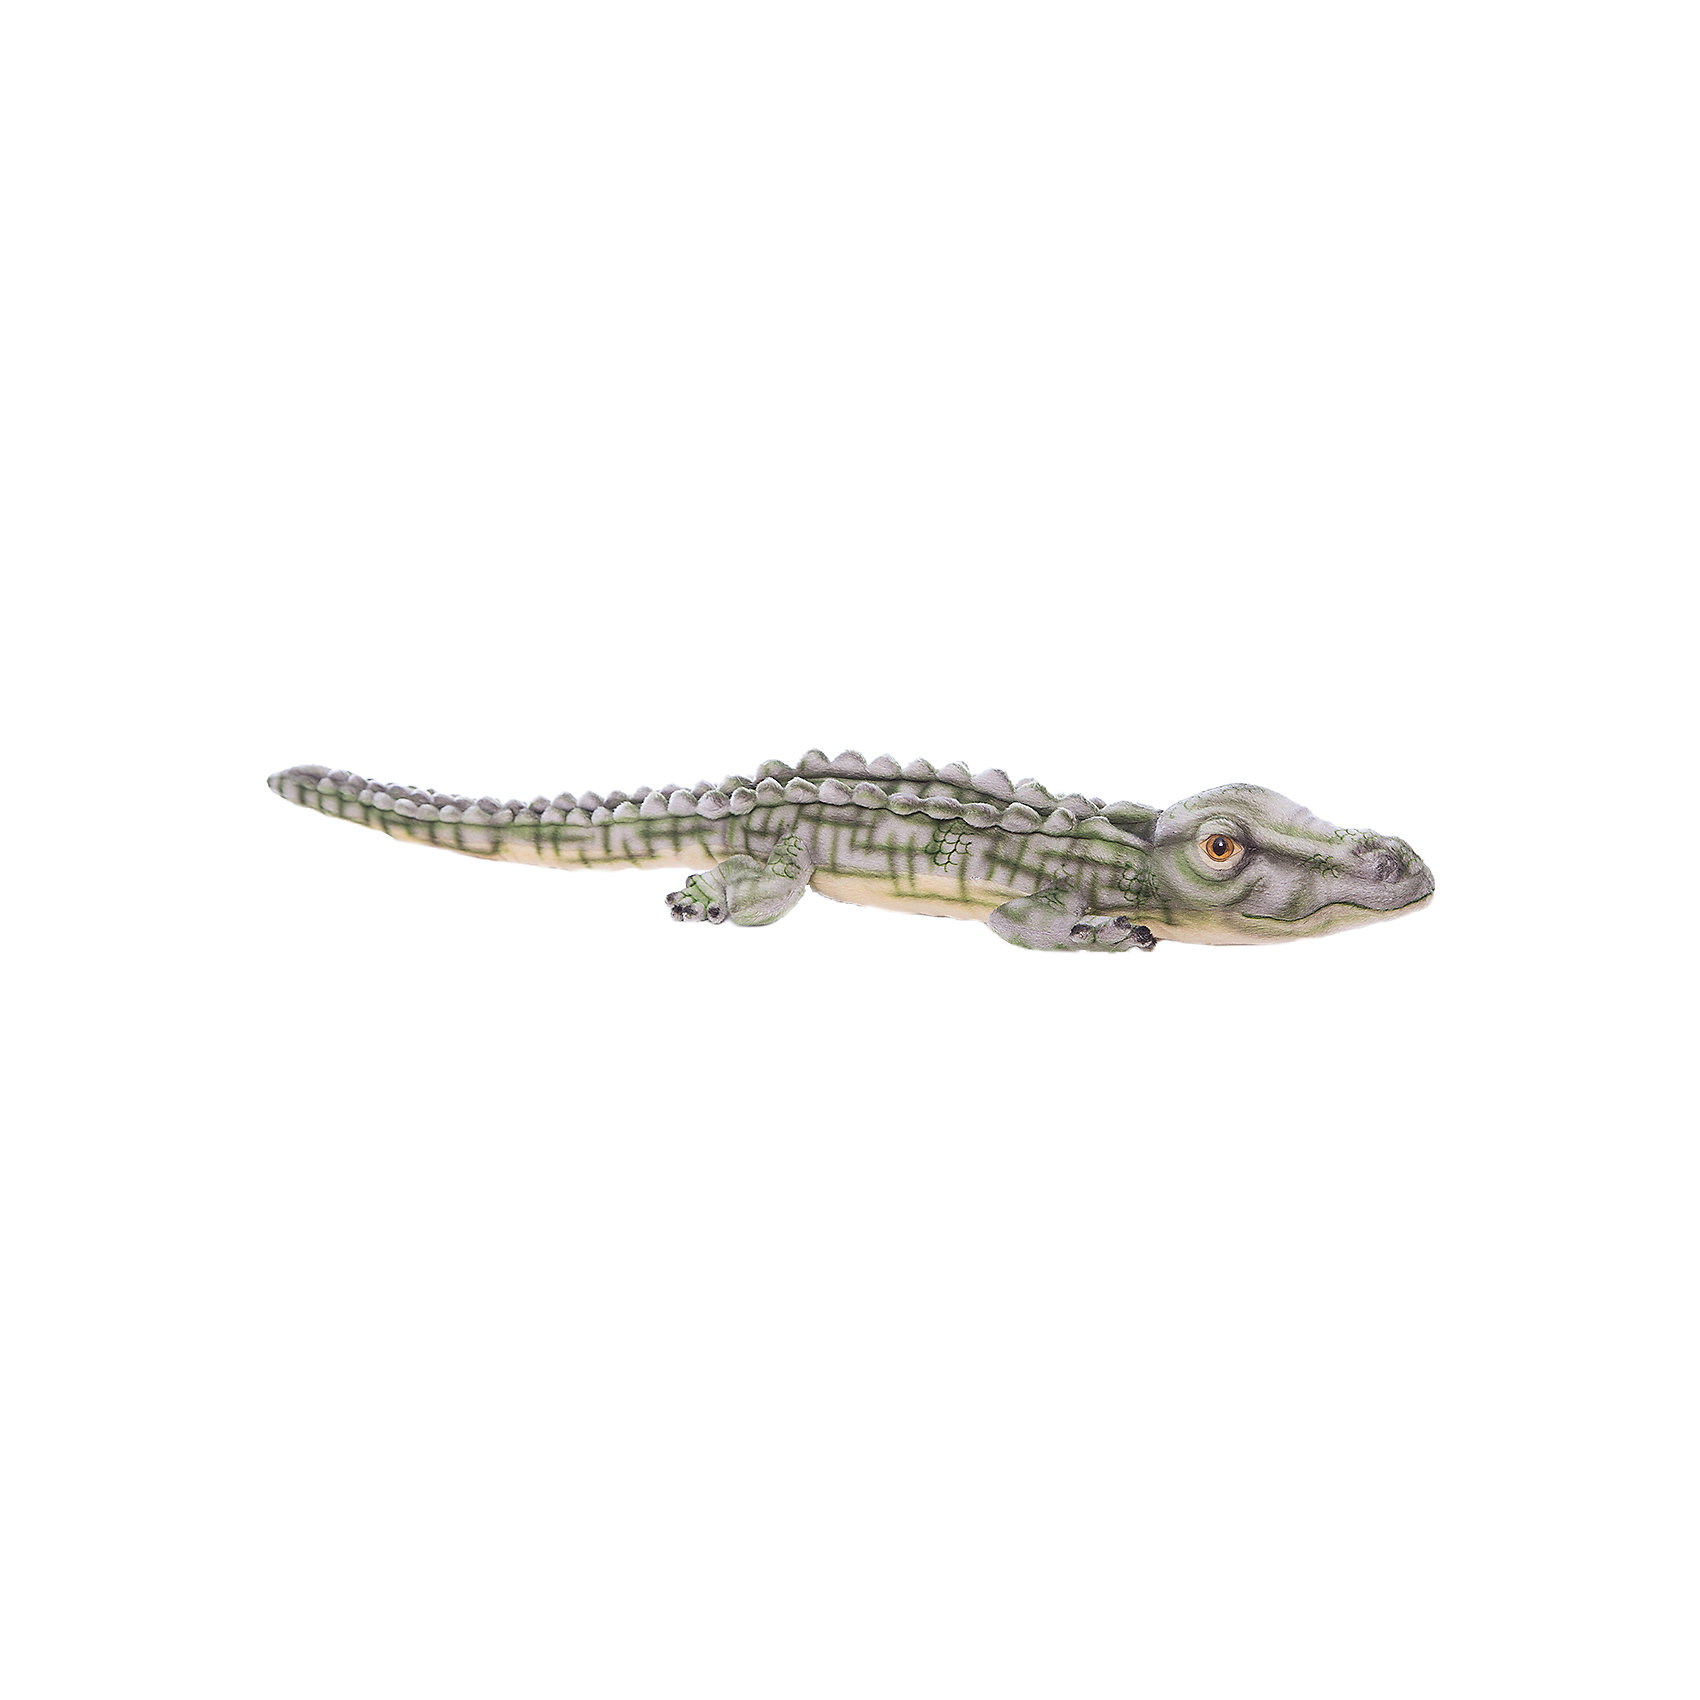 Крокодил гребнистый (морской), 70 смМягкие игрушки животные<br>Крокодил гребнистый (морской), 70 см – игрушка от знаменитого бренда Hansa, специализирующегося на выпуске мягких игрушек с высокой степенью натуралистичности. Внешний вид игрушки полностью соответствует своему реальному прототипу – морскому крокодилу. Он выполнен из искусственного меха с коротким ворсом, окрашенного с учетом особенностей облика этого хищника. Использованные материалы обладают гипоаллергенными свойствами. Внутри игрушки имеется металлический каркас, позволяющий изменять положение. <br>Игрушка относится к серии Дикие животные. <br>Мягкие игрушки от Hansa подходят для сюжетно-ролевых игр, для обучающих игр, направленных на знакомство с животным миром дикой природы. Кроме того, их можно использовать в качестве интерьерных игрушек. Коллекция из нескольких игрушек позволяет создать свой домашний зоопарк, который будет радовать вашего ребенка долгое время, так как ручная работа и качественные материалы гарантируют их долговечность и прочность.<br><br>Дополнительная информация:<br><br>- Вид игр: сюжетно-ролевые игры, коллекционирование, интерьерные игрушки<br>- Предназначение: для дома, для детских развивающих центров, для детских садов<br>- Материал: искусственный мех, наполнитель ? полиэфирное волокно<br>- Размер (ДхШхВ): 9*15*70 см<br>- Вес: 360 г<br>- Особенности ухода: сухая чистка при помощи пылесоса или щетки для одежды<br><br>Подробнее:<br><br>• Для детей в возрасте: от 3 лет <br>• Страна производитель: Филиппины<br>• Торговый бренд: Hansa<br><br>Крокодила гребнистого (морского), 70 см можно купить в нашем интернет-магазине.<br><br>Ширина мм: 9<br>Глубина мм: 15<br>Высота мм: 70<br>Вес г: 360<br>Возраст от месяцев: 36<br>Возраст до месяцев: 2147483647<br>Пол: Унисекс<br>Возраст: Детский<br>SKU: 4927232